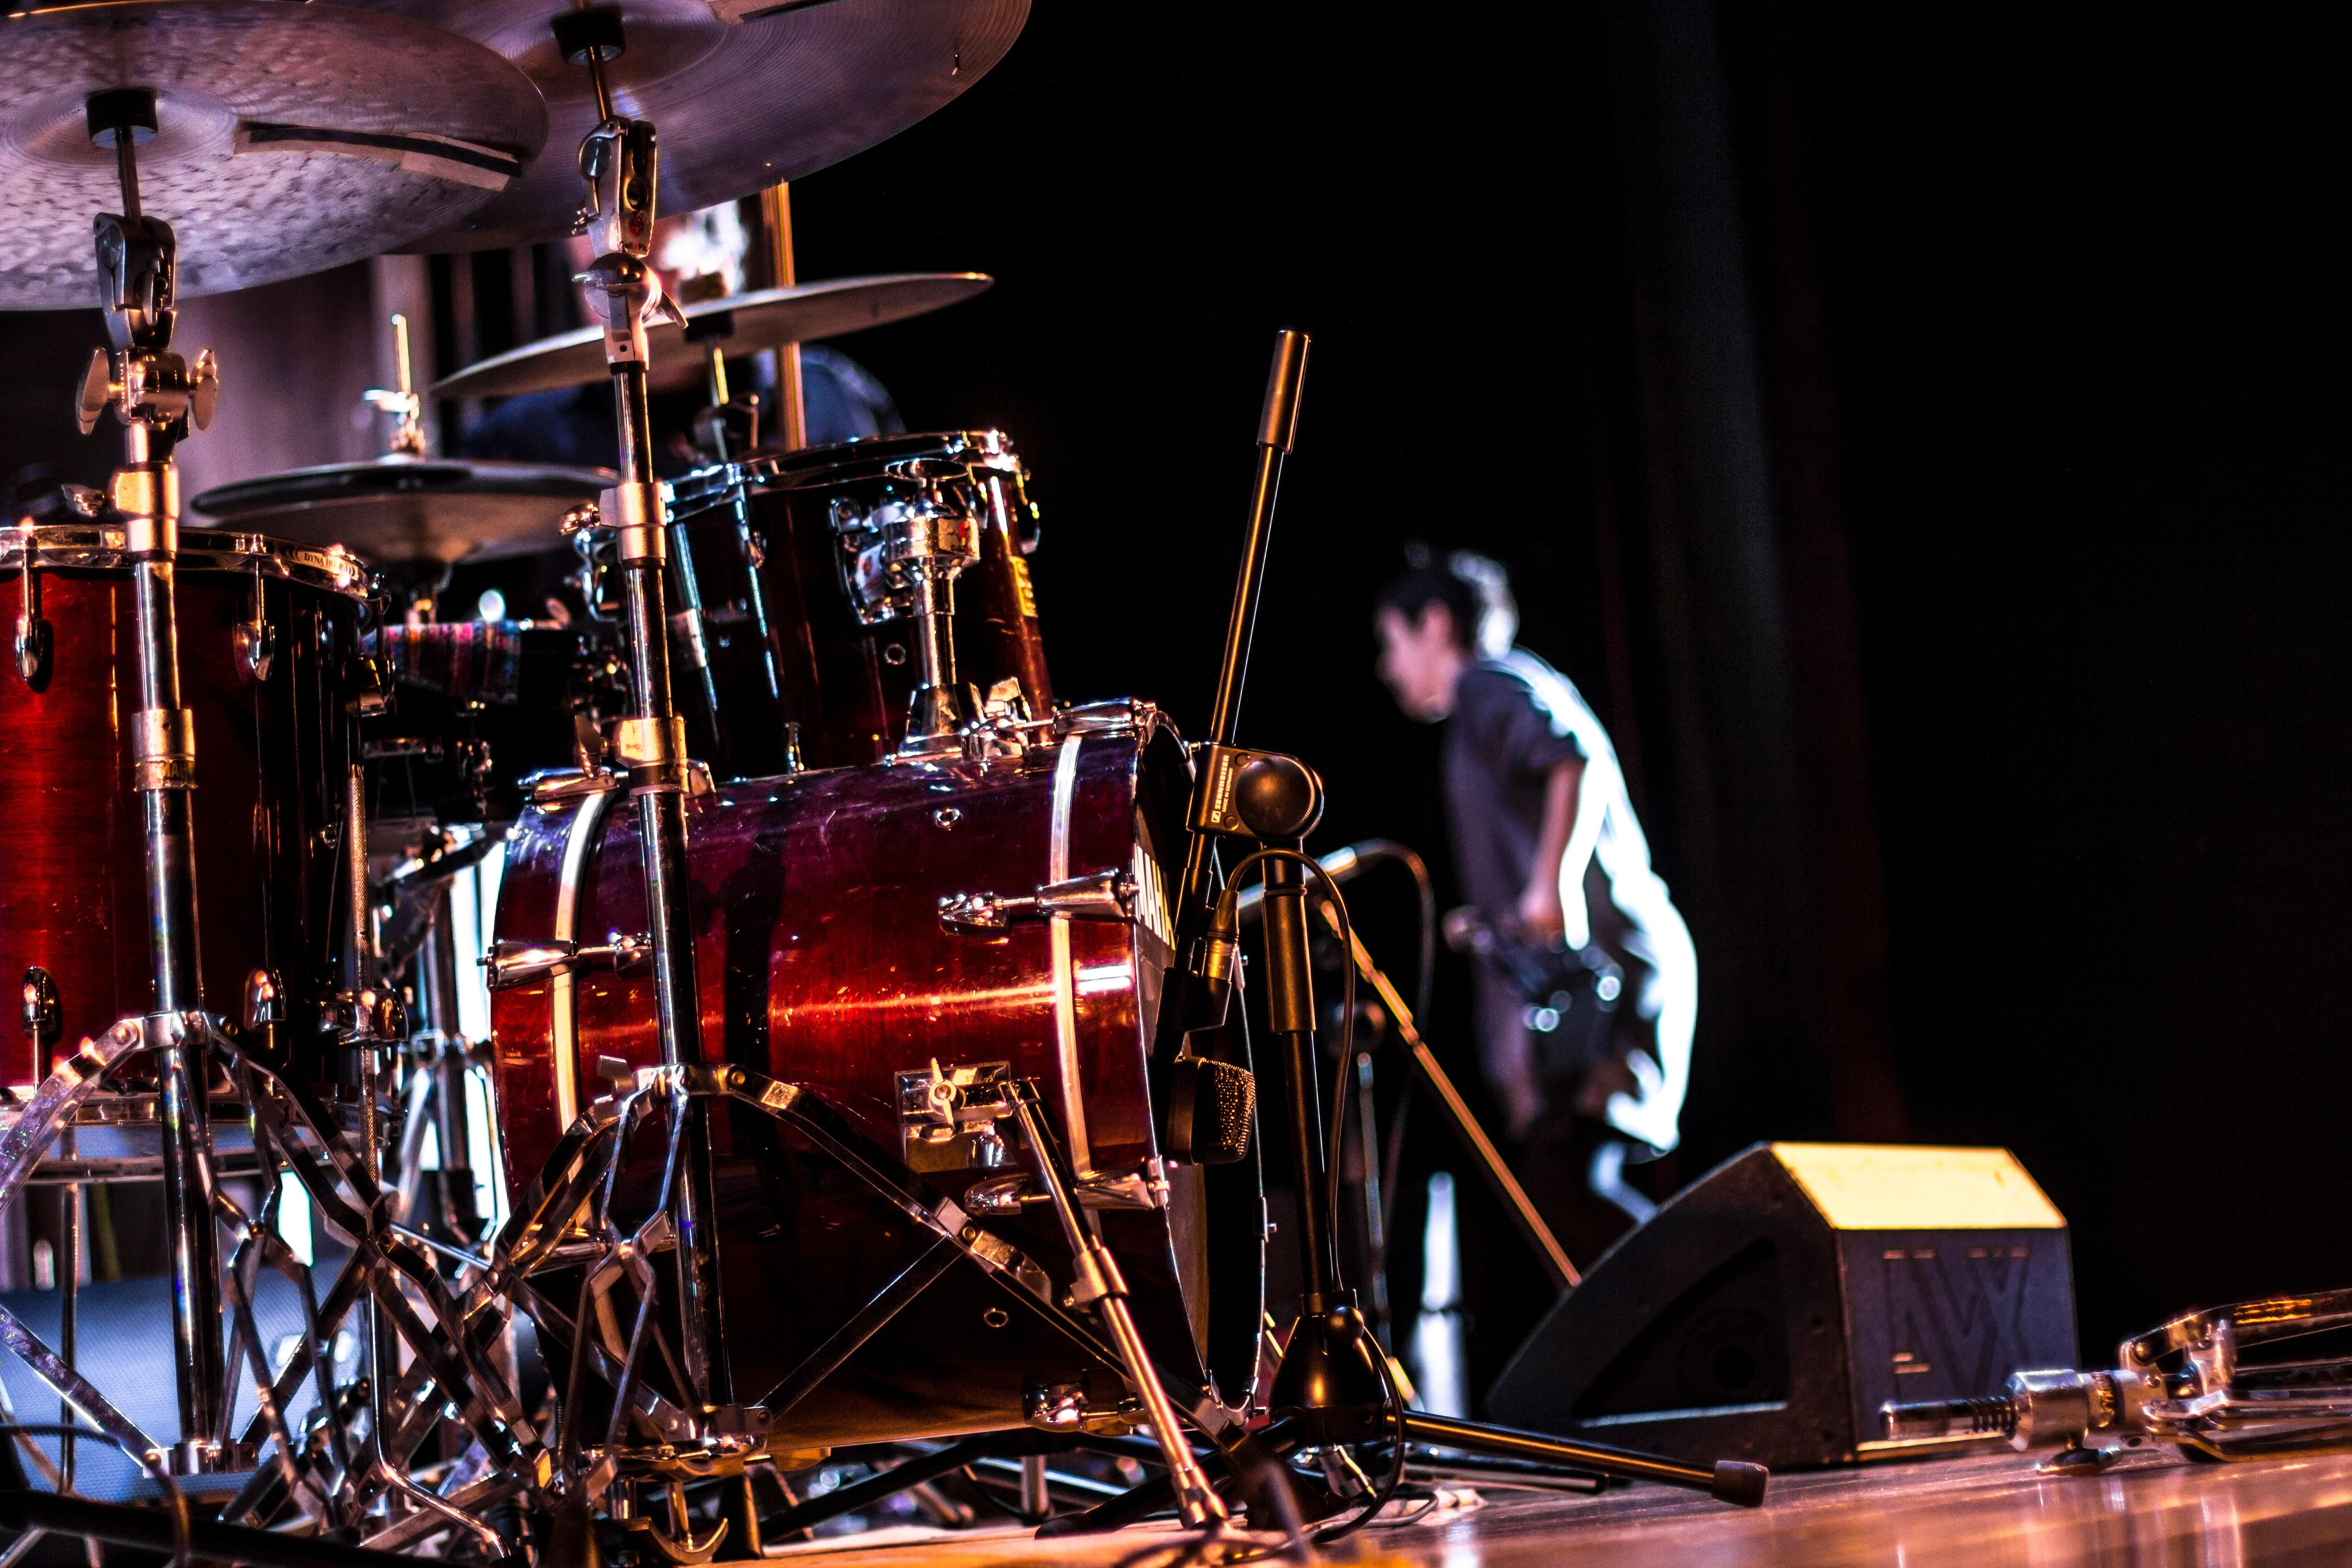 Программа для барабанов скачать бесплатно